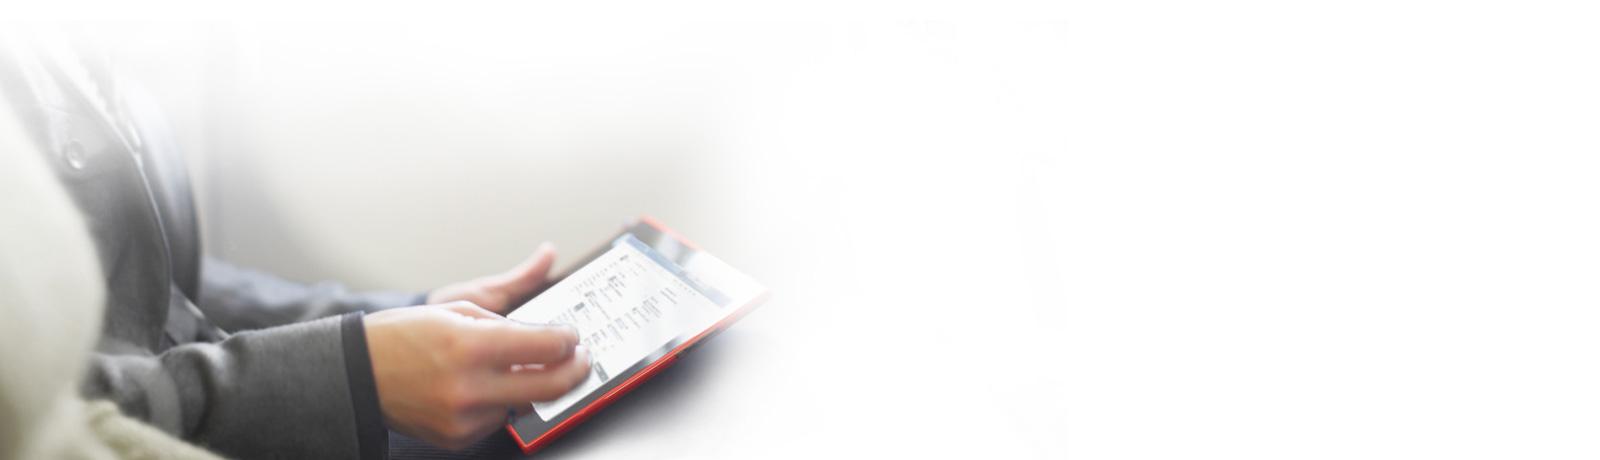 Vista aproximada de uma pessoa sentada a trabalhar no tablet segurado com a mão esquerda.